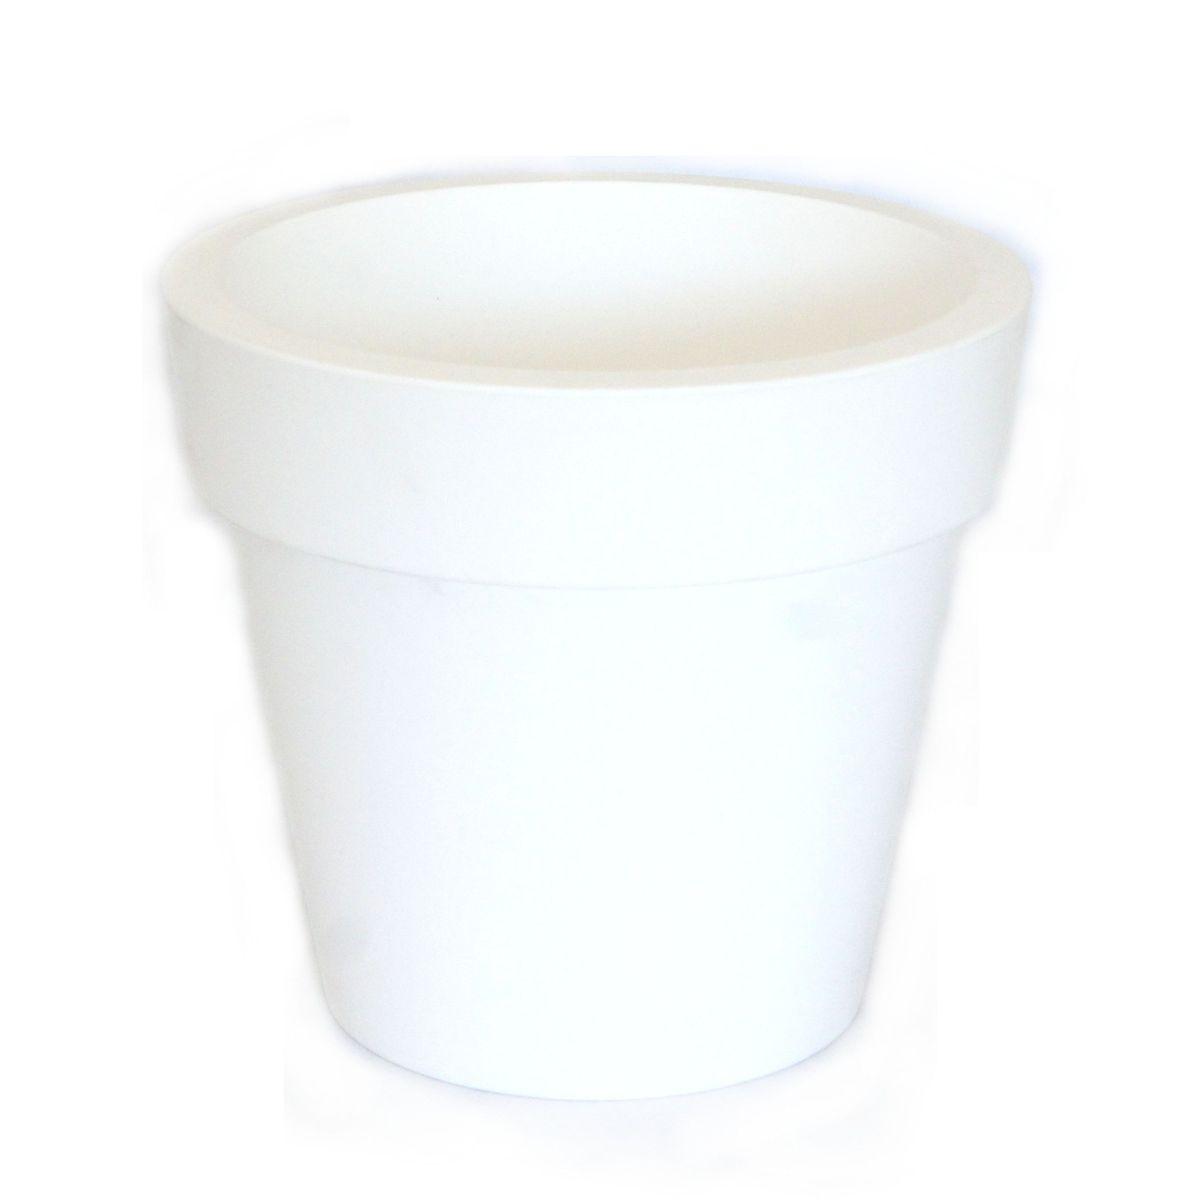 Кашпо JetPlast Порто, со вставкой, цвет: белый, 3,5 л4612754052721Кашпо Порто классической формы с внутренней вставкой-горшком. Дренажная вставка позволяет легко поливать растения без использования дополнительного поддона. Вместительный объем кашпо позволяет высаживать самые разнообразные растения, а съемная вставка избавит вас от грязи и подчеркнет красоту цветка. Оно изготовлено из прочного полипропилена (пластика). Такое кашпо порадует вас функциональностью, а благодаря лаконичному дизайну впишется в любой интерьер помещения. Объем кашпо: 3,5 л.